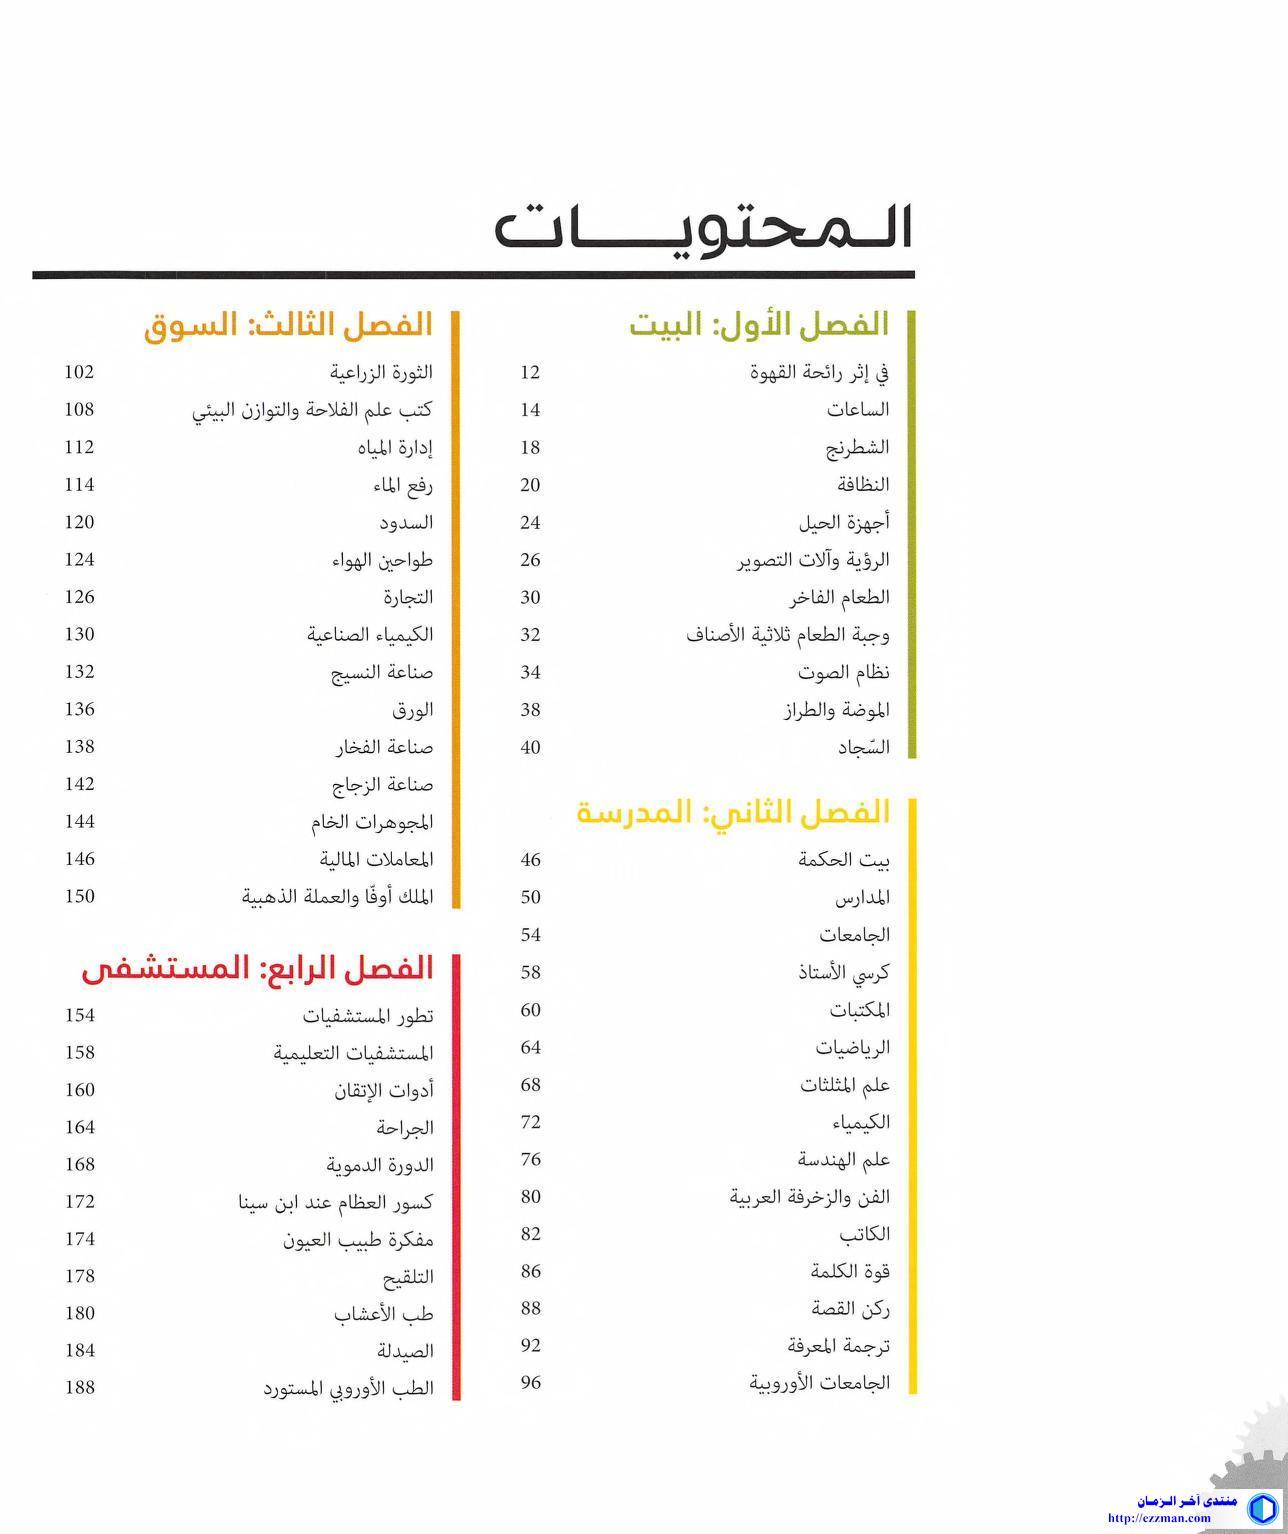 اختراع واختراع: التراث الإسلامي عالمنا.